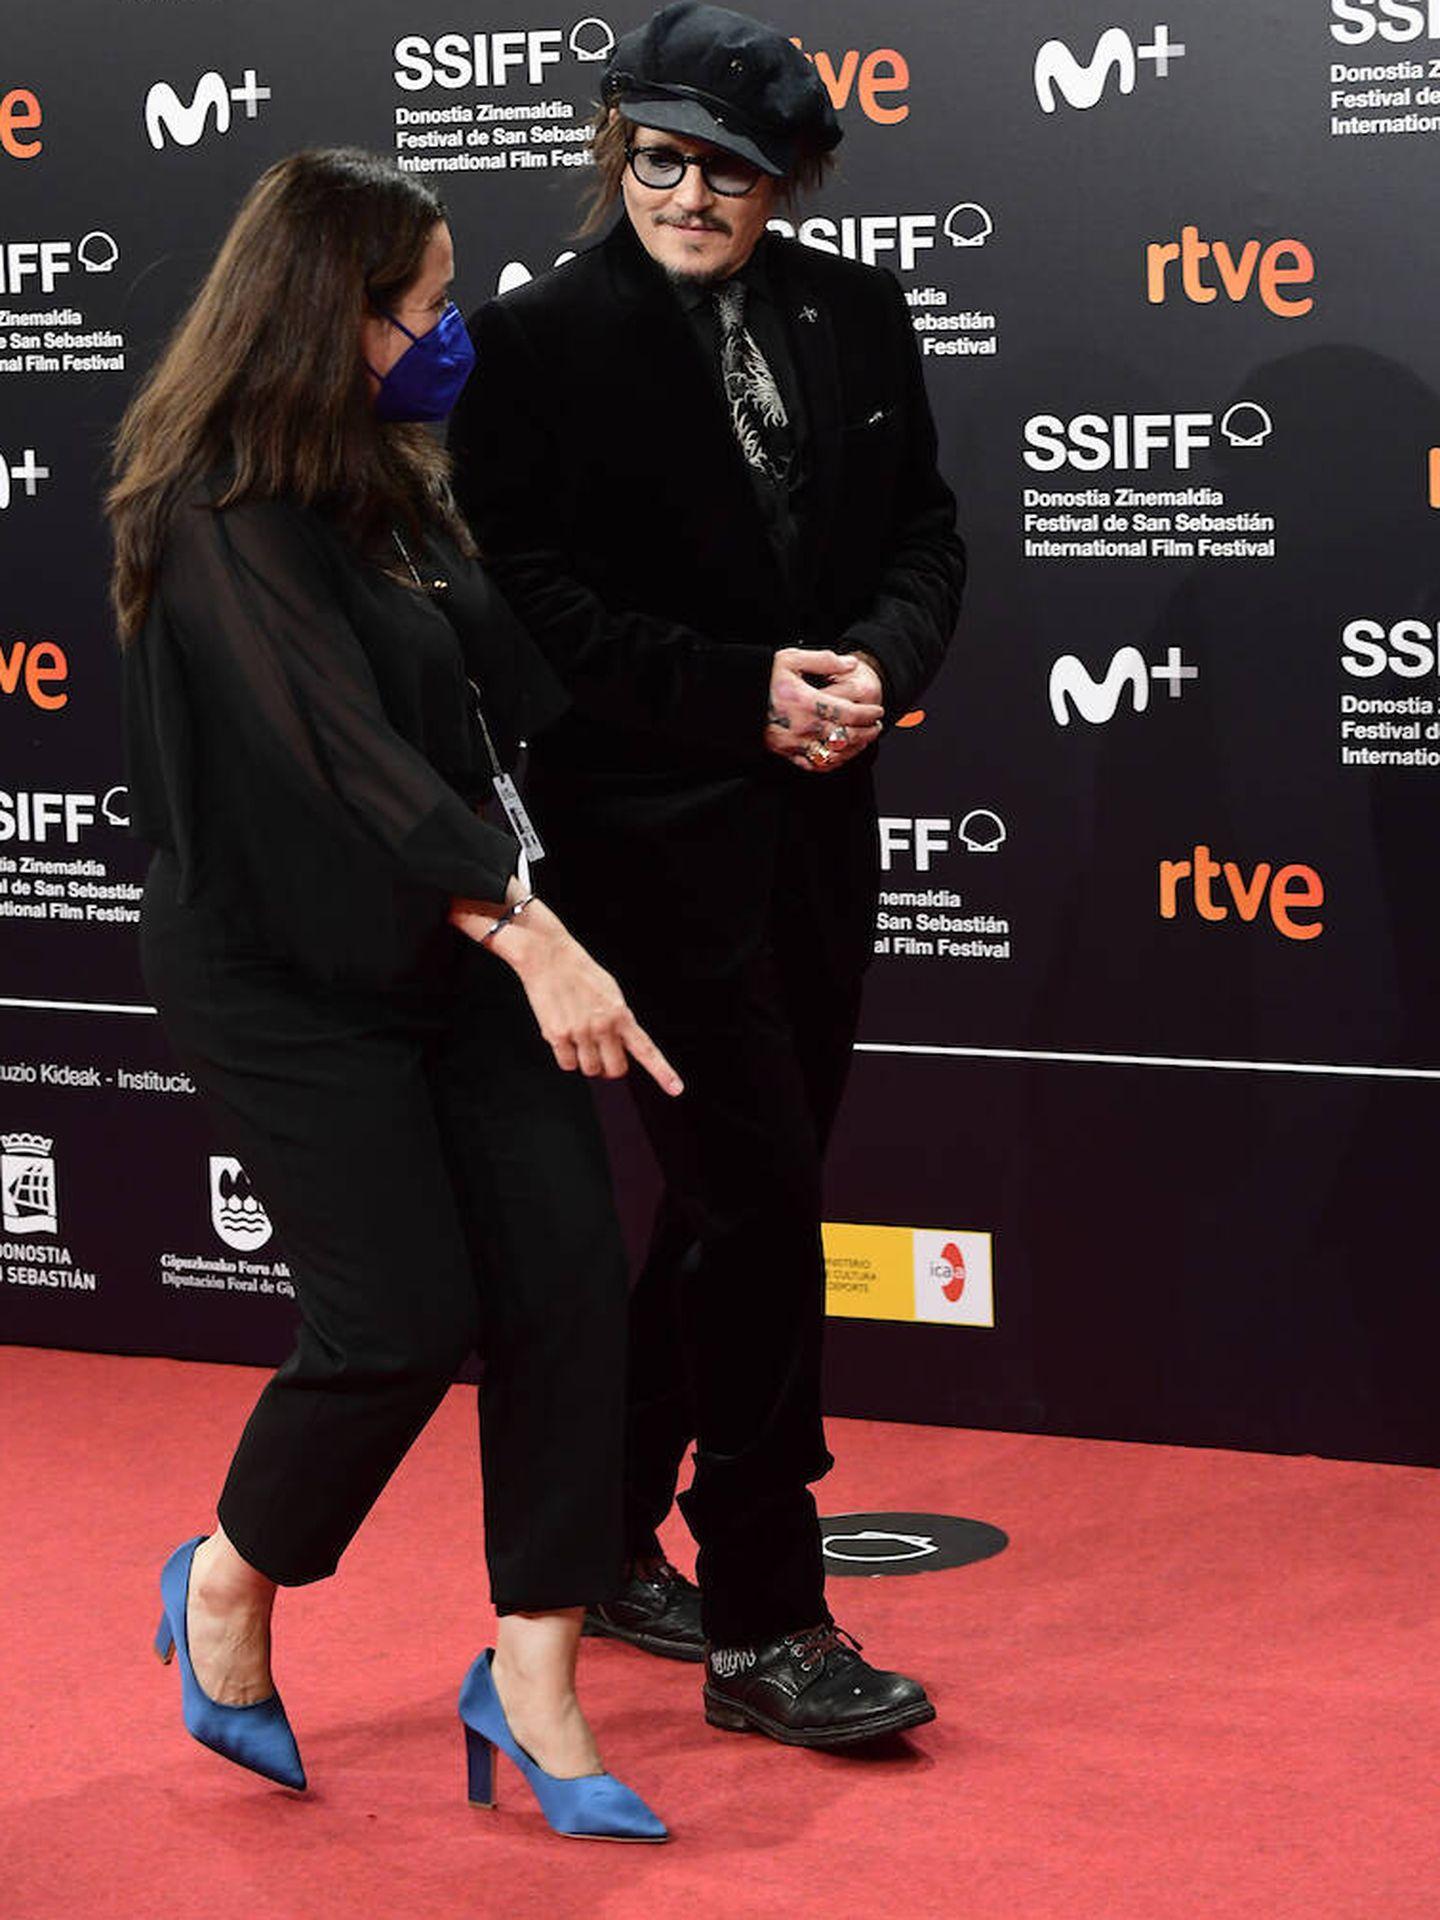 El Premio Donostia sigue las indicaciones de los organizadores. (Limited Pictures)